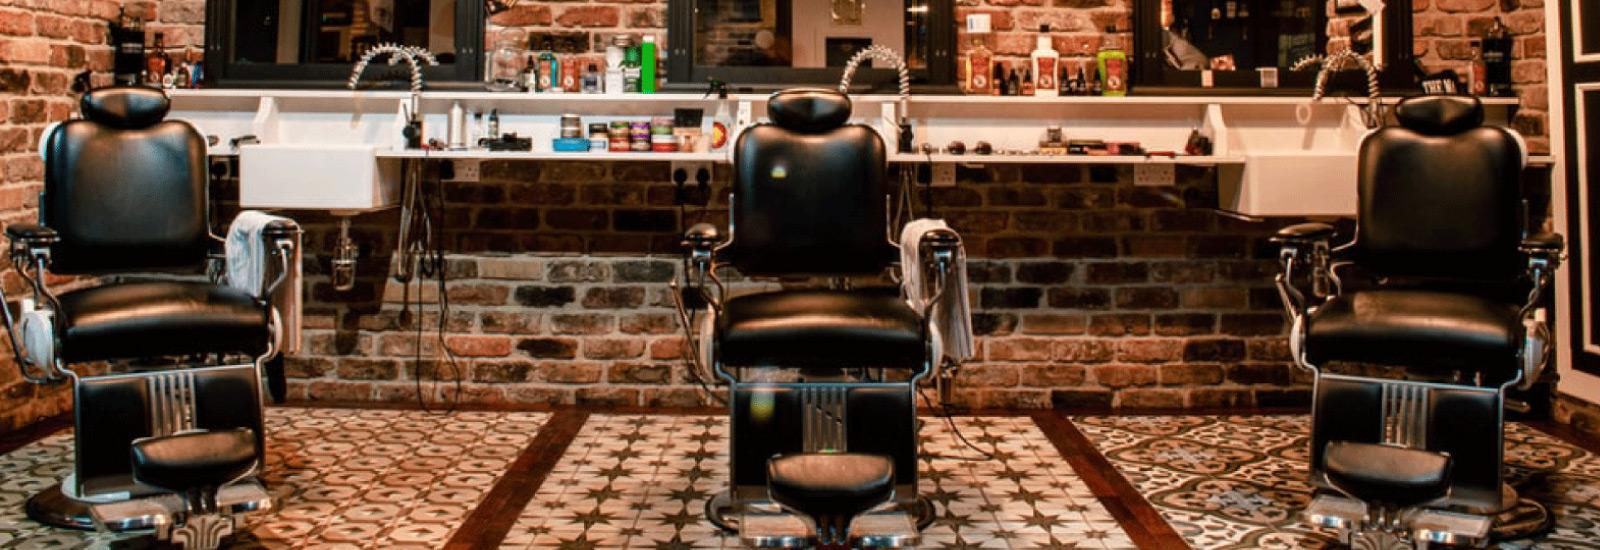 Laughlin AFB Barber Shop